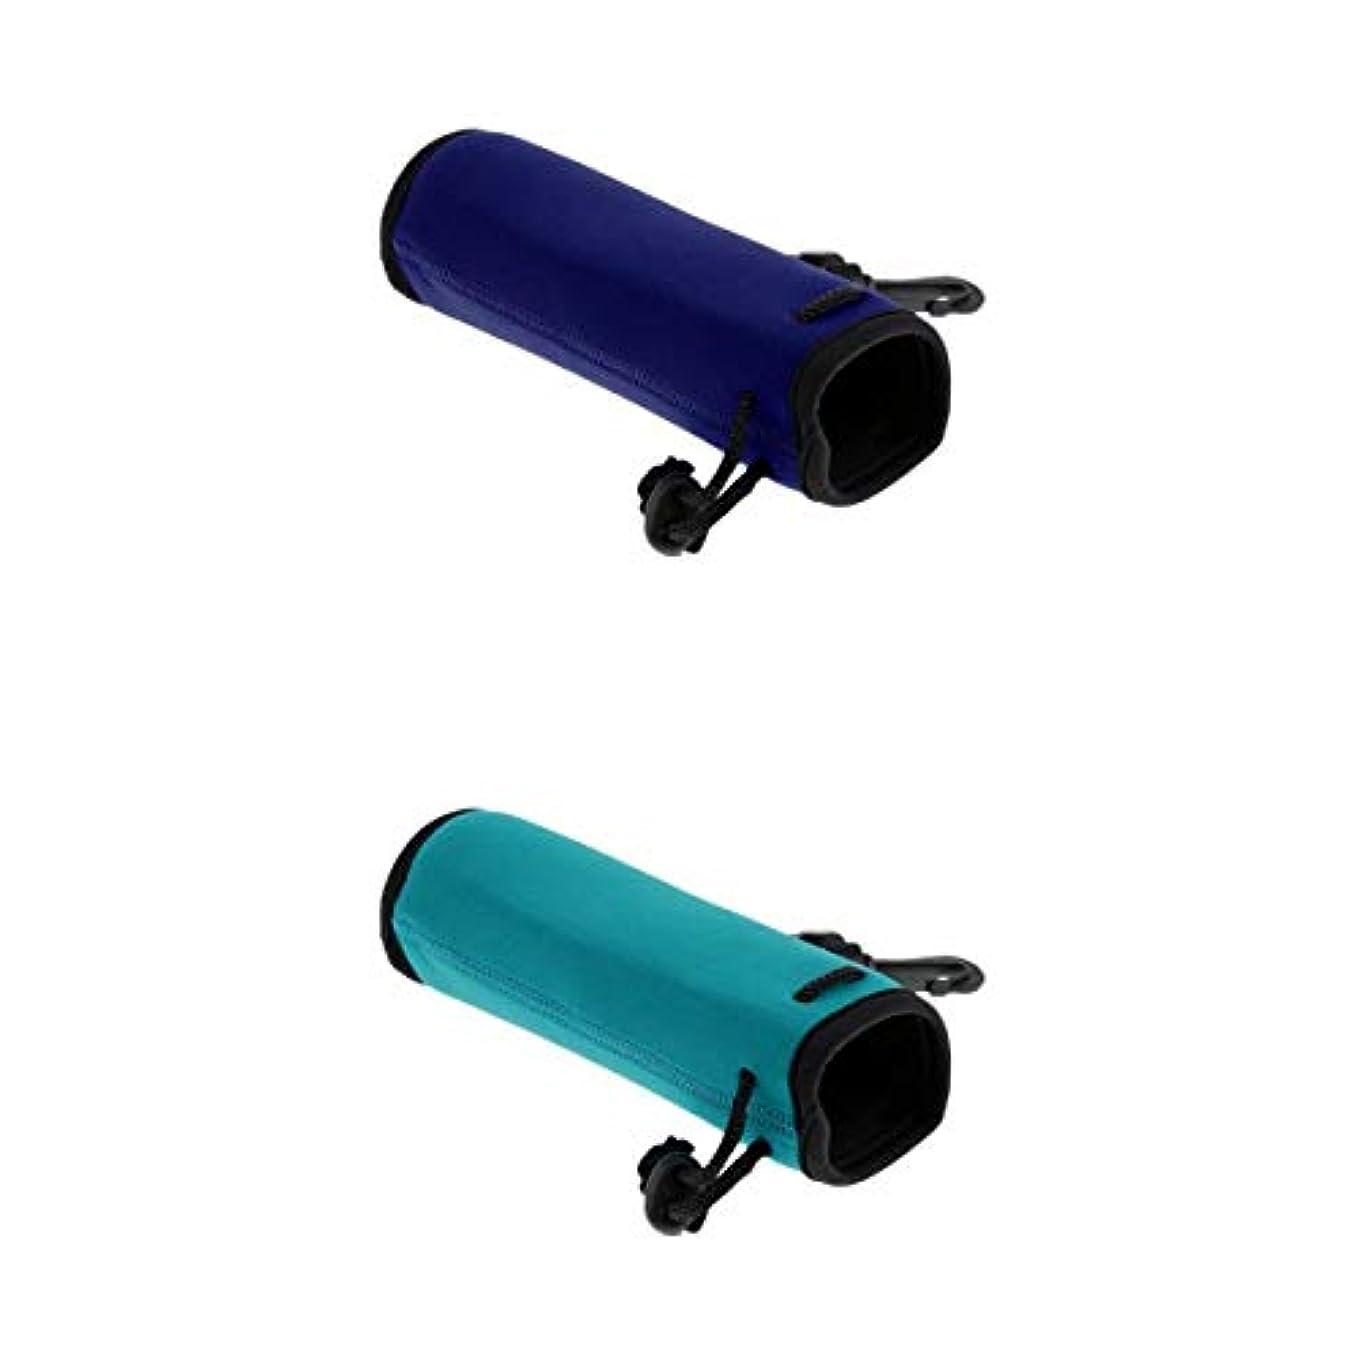 読み書きのできないエーカー貢献するT TOOYFUL ウォーターボトルキャリア 水筒ホルダー ポーチボトルバッグ 防塵カバー 携帯用 野外活動 2本